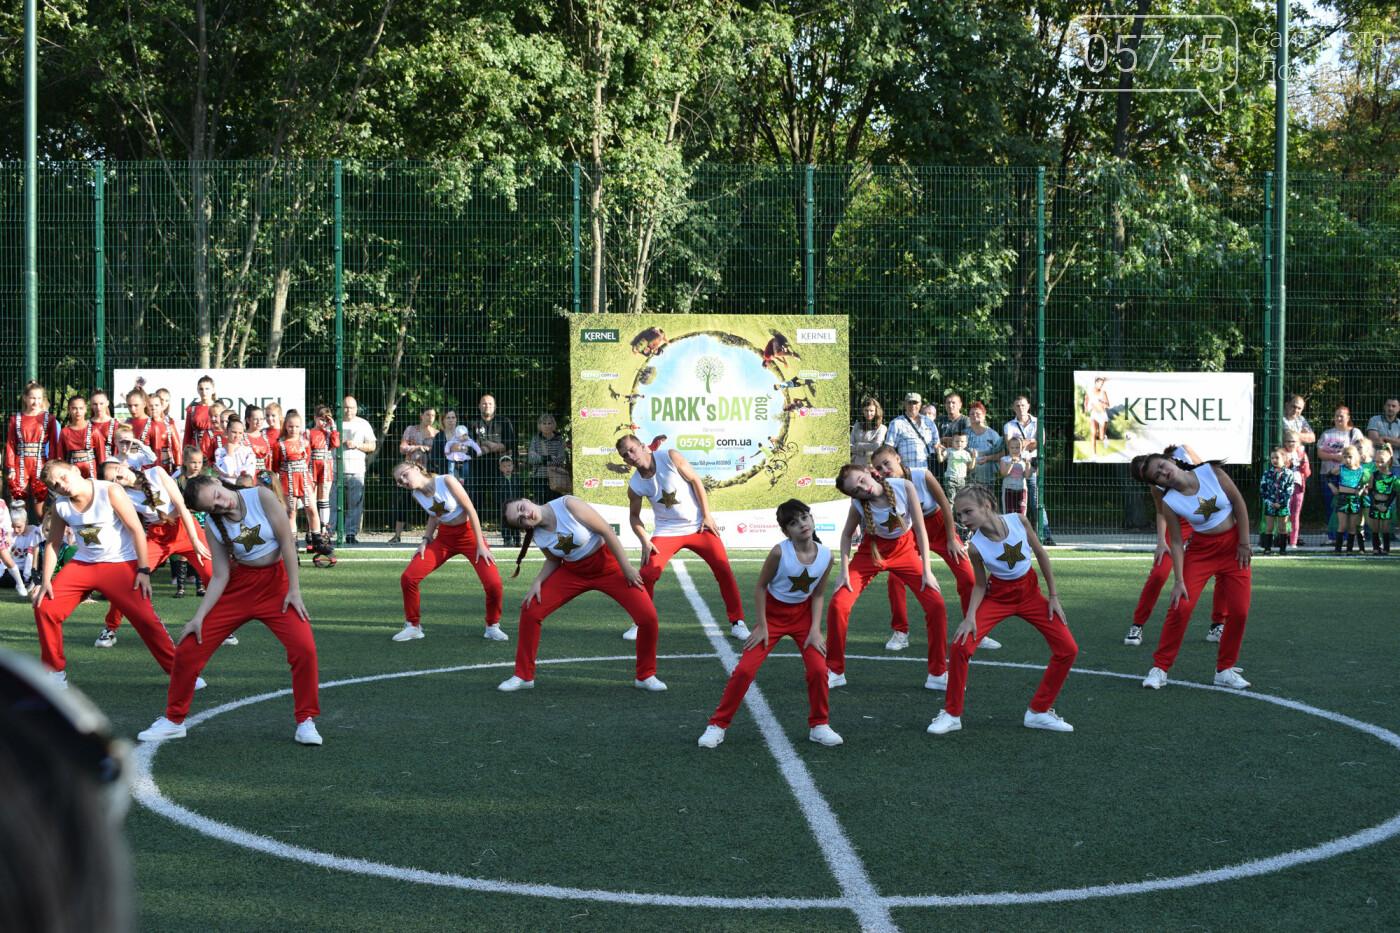 """Море драйва и зрелищ! В Лозовой состоялся первый спортивно-развлекательный фестиваль """"Park's Day"""", фото-9"""